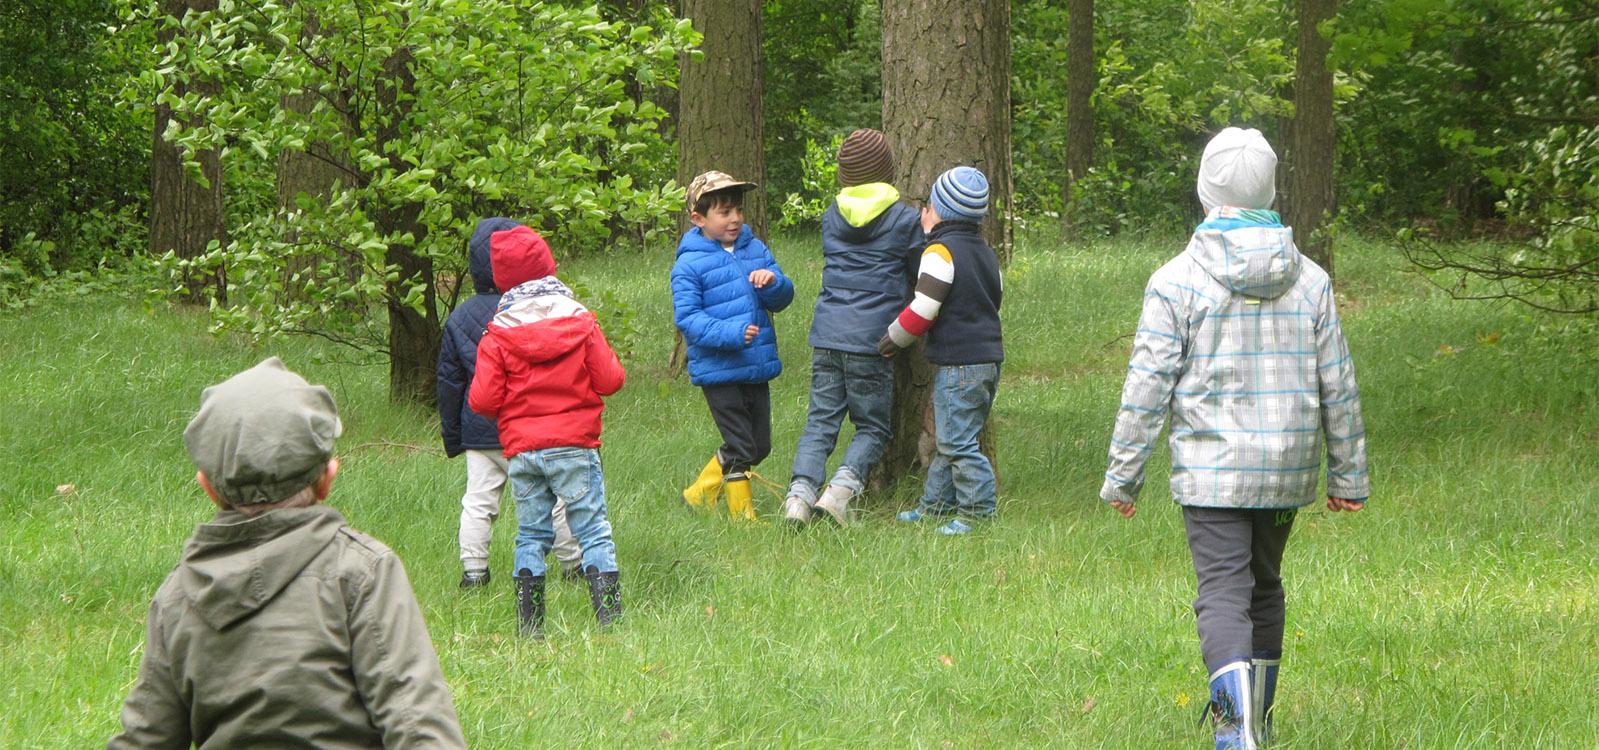 EKOLUDEK_Niepubliczne_przedszkole_ekologiczne_Lodz_Zabawa_w_lesie.jpg